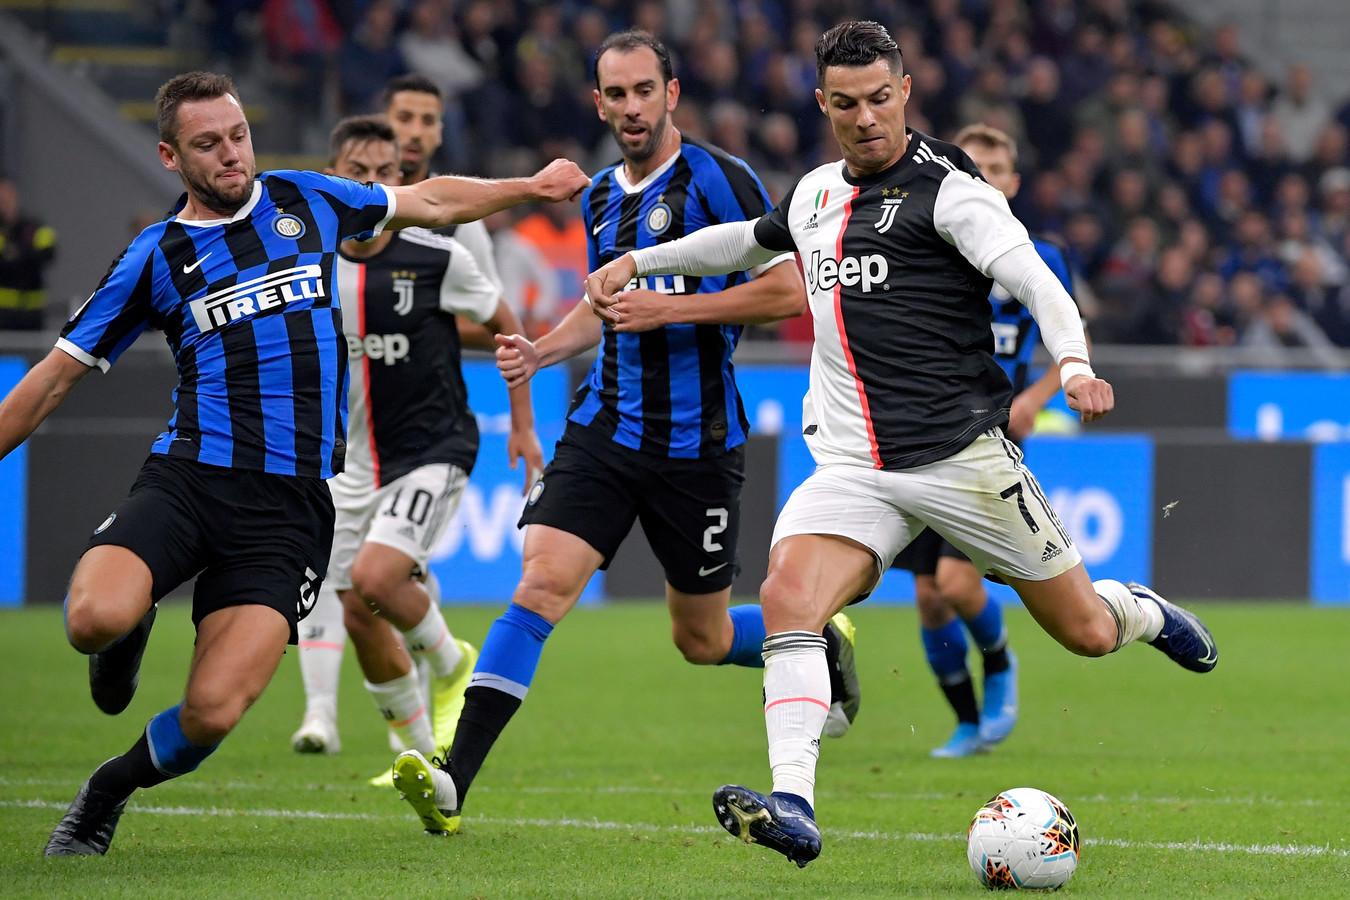 Stefan de Vrij wil een schot van Cristiano Ronaldo blokken in de topper tegen Juventus (1-2).